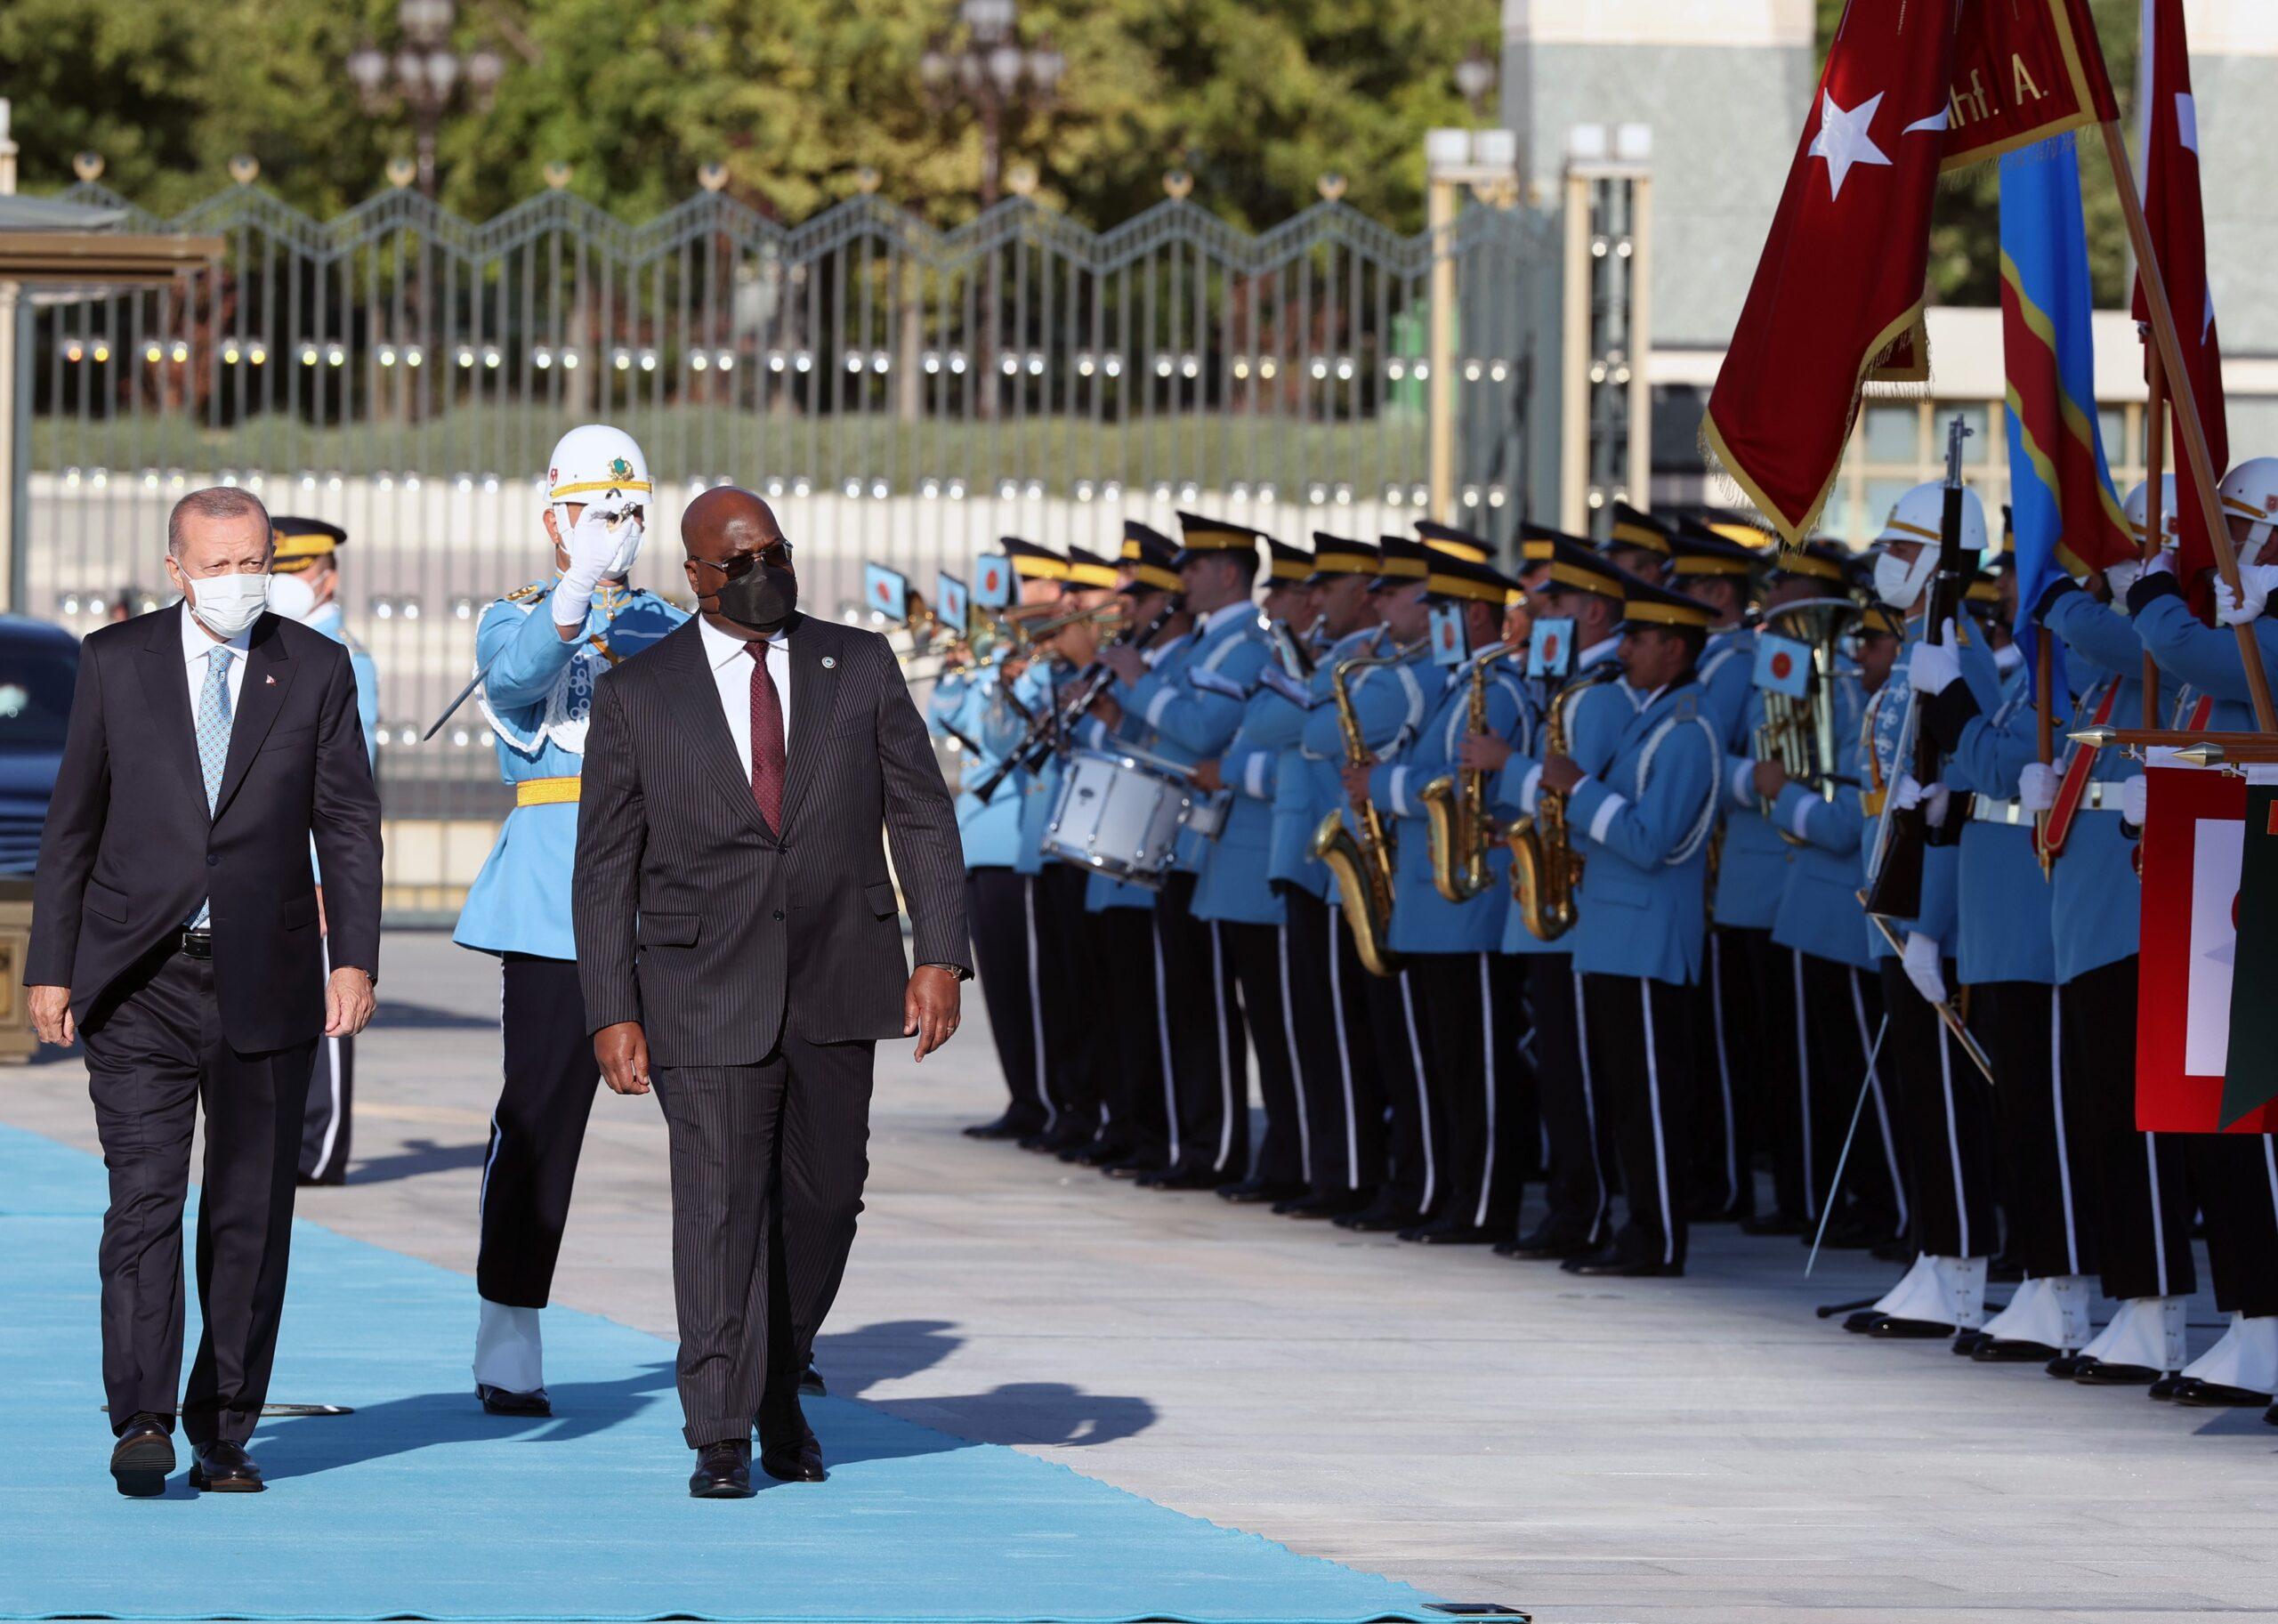 Cumhurbaşkanı Erdoğan, Kongo Cumhurbaşkanı Tshilombo'yu resmi törenle karşıladı